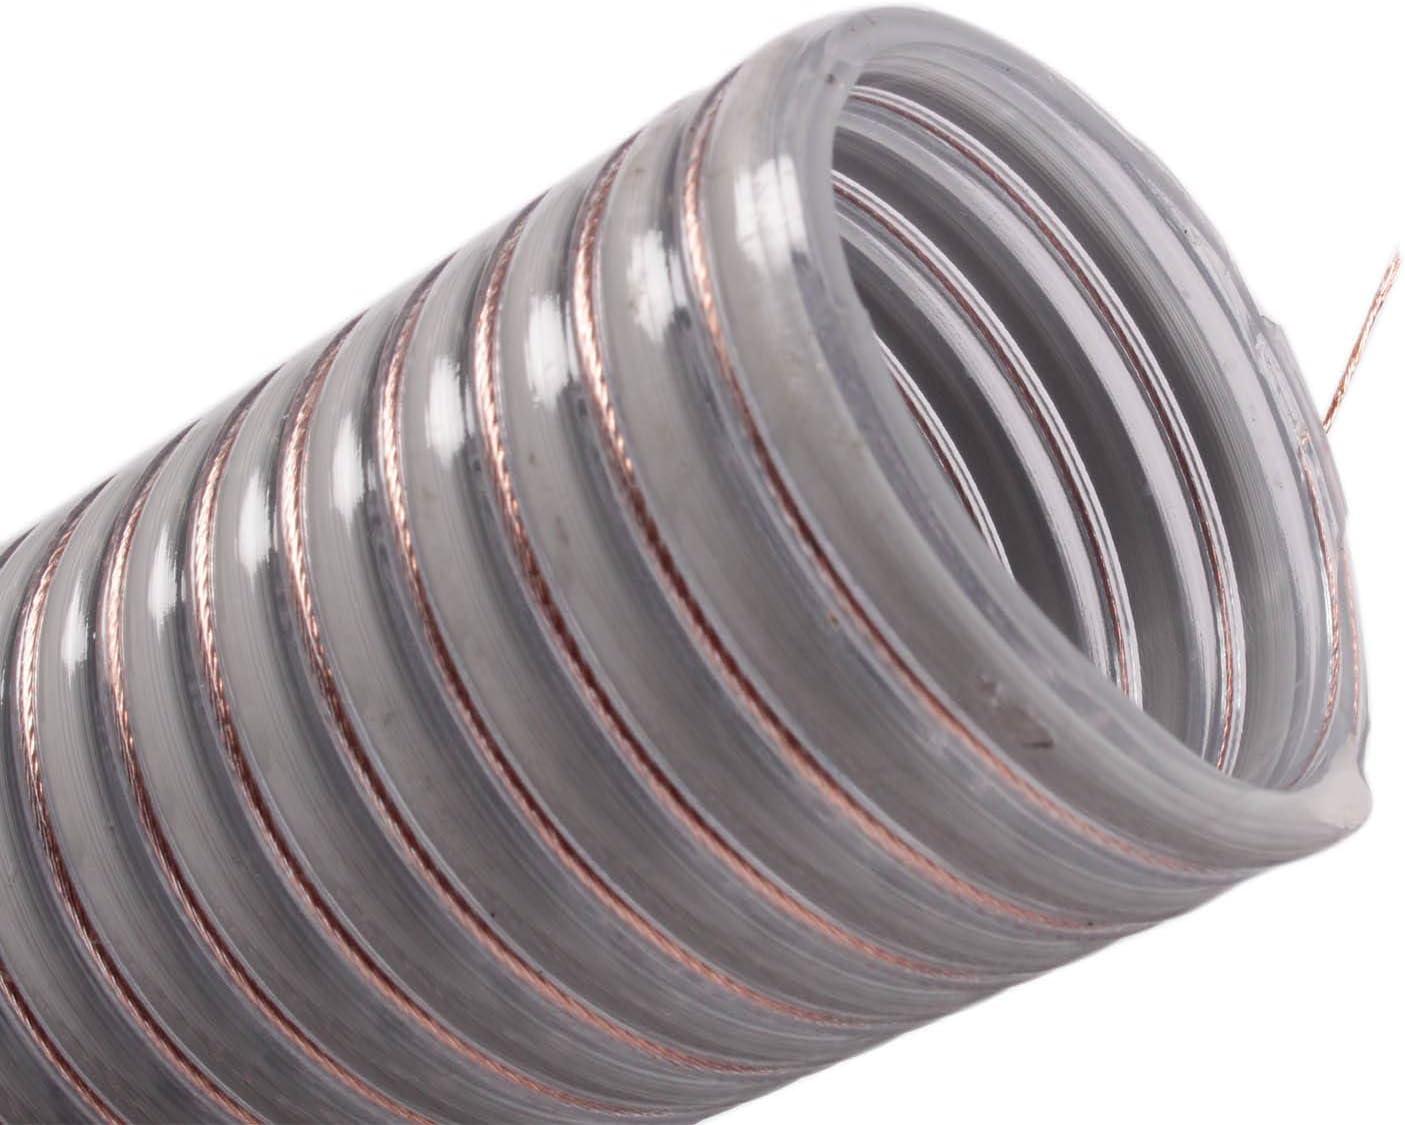 silos24 104160 Pelletschlauch 25 Meter NW 50 mm mit CU-Litze Saugschlauch R/ückluftschlauch F/örderschlauch Schlauchl/änge:25 m